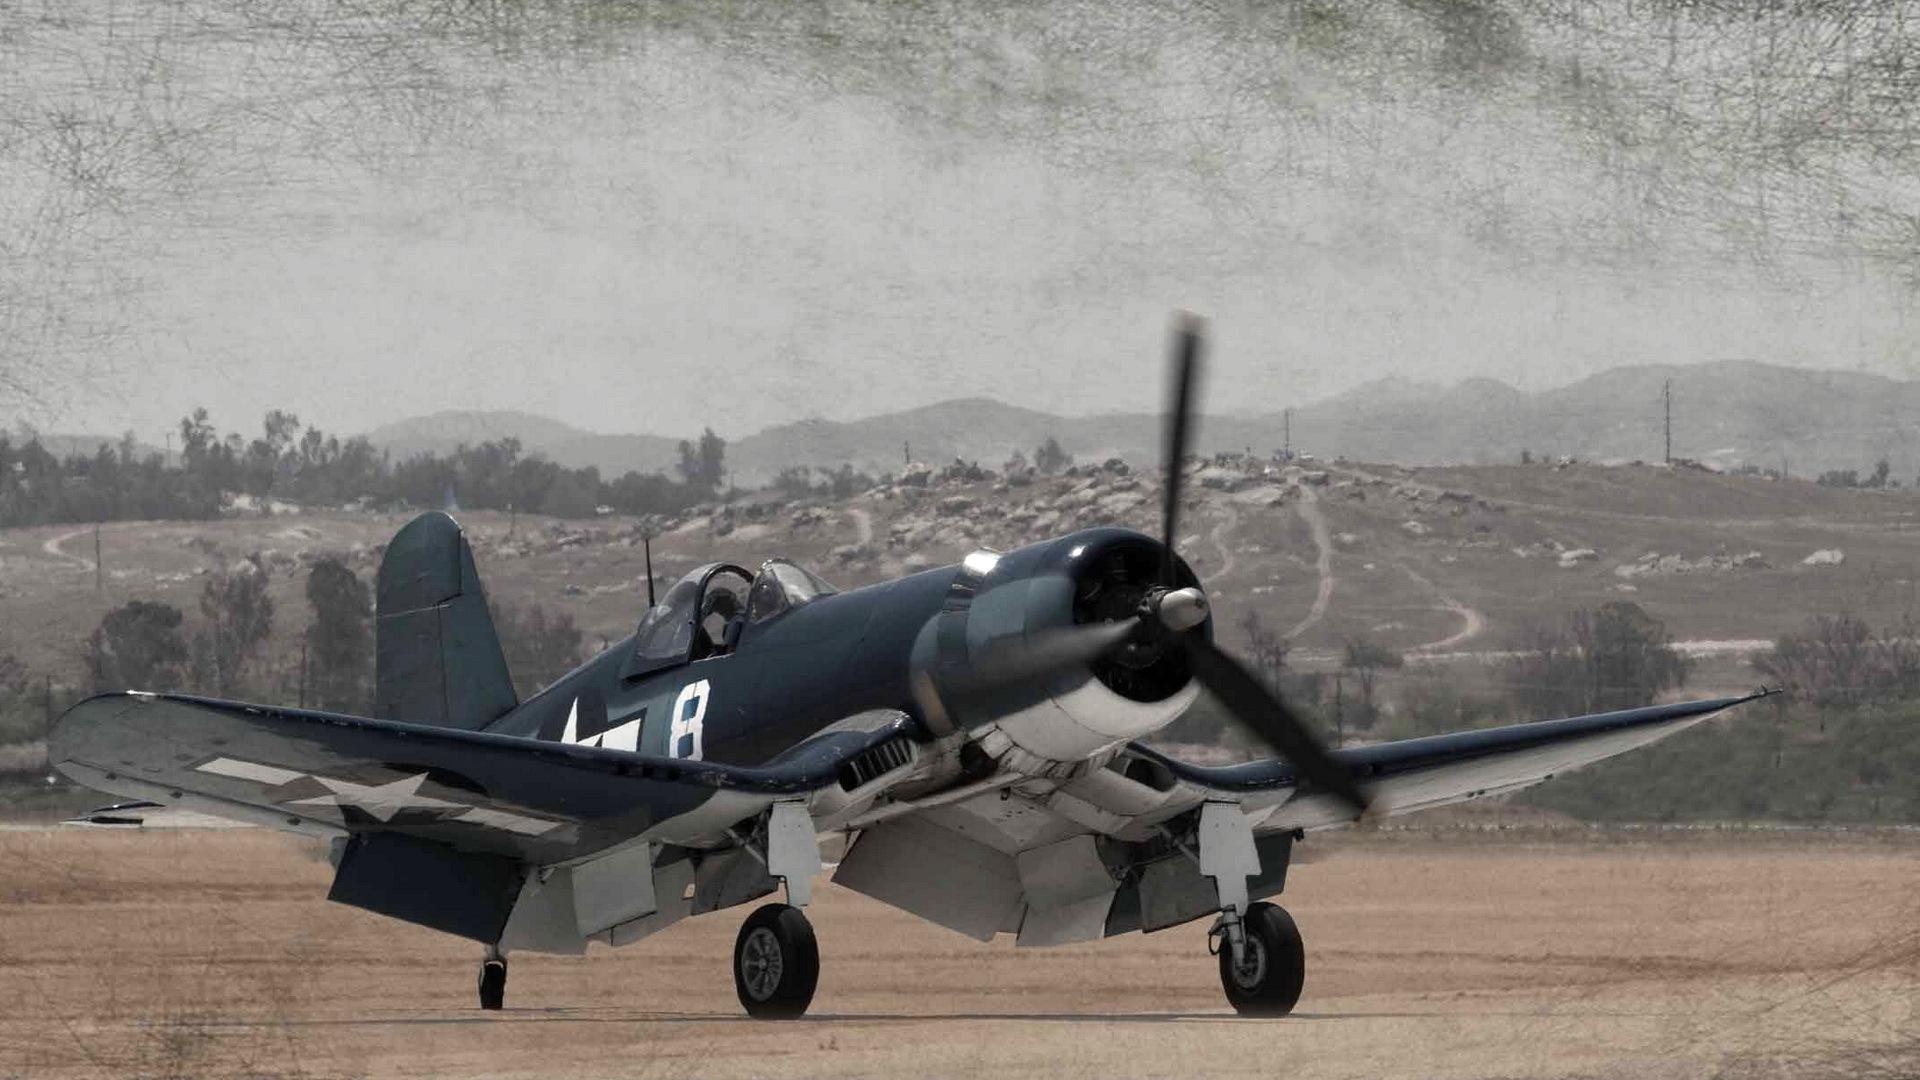 Vought F4U Corsair HD Wallpaper